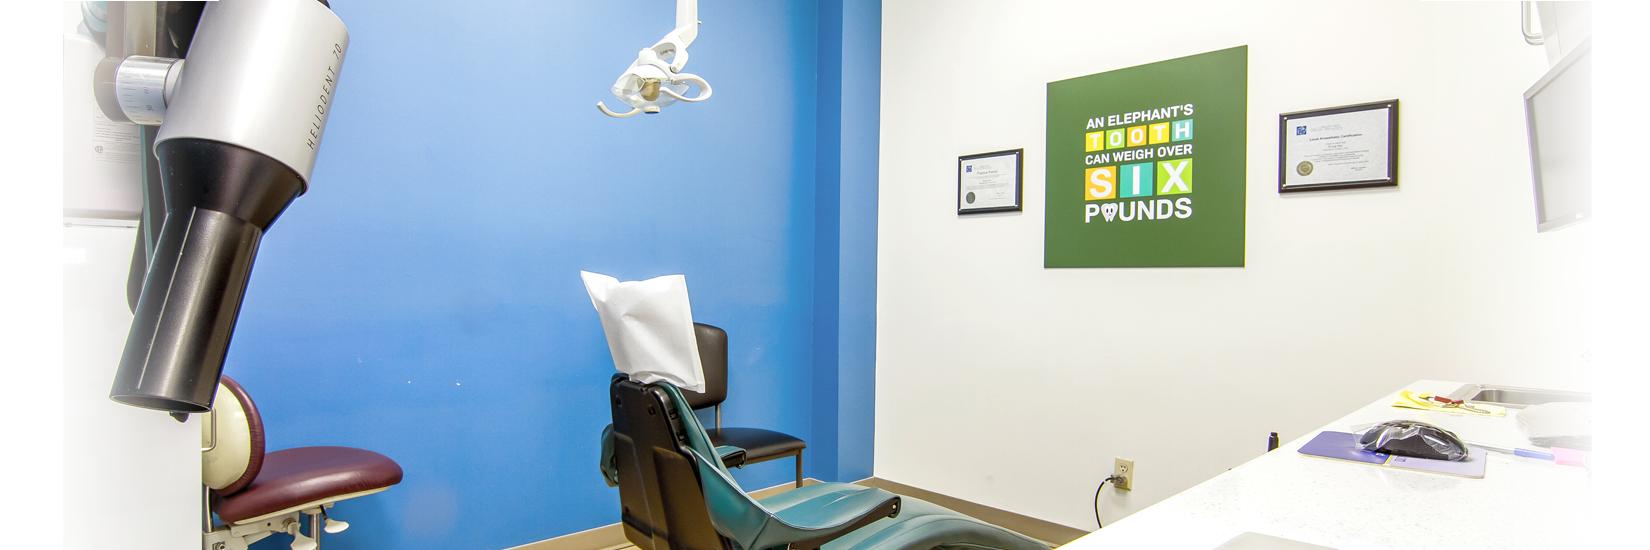 Hermitage-Dental_Office-Tour-03